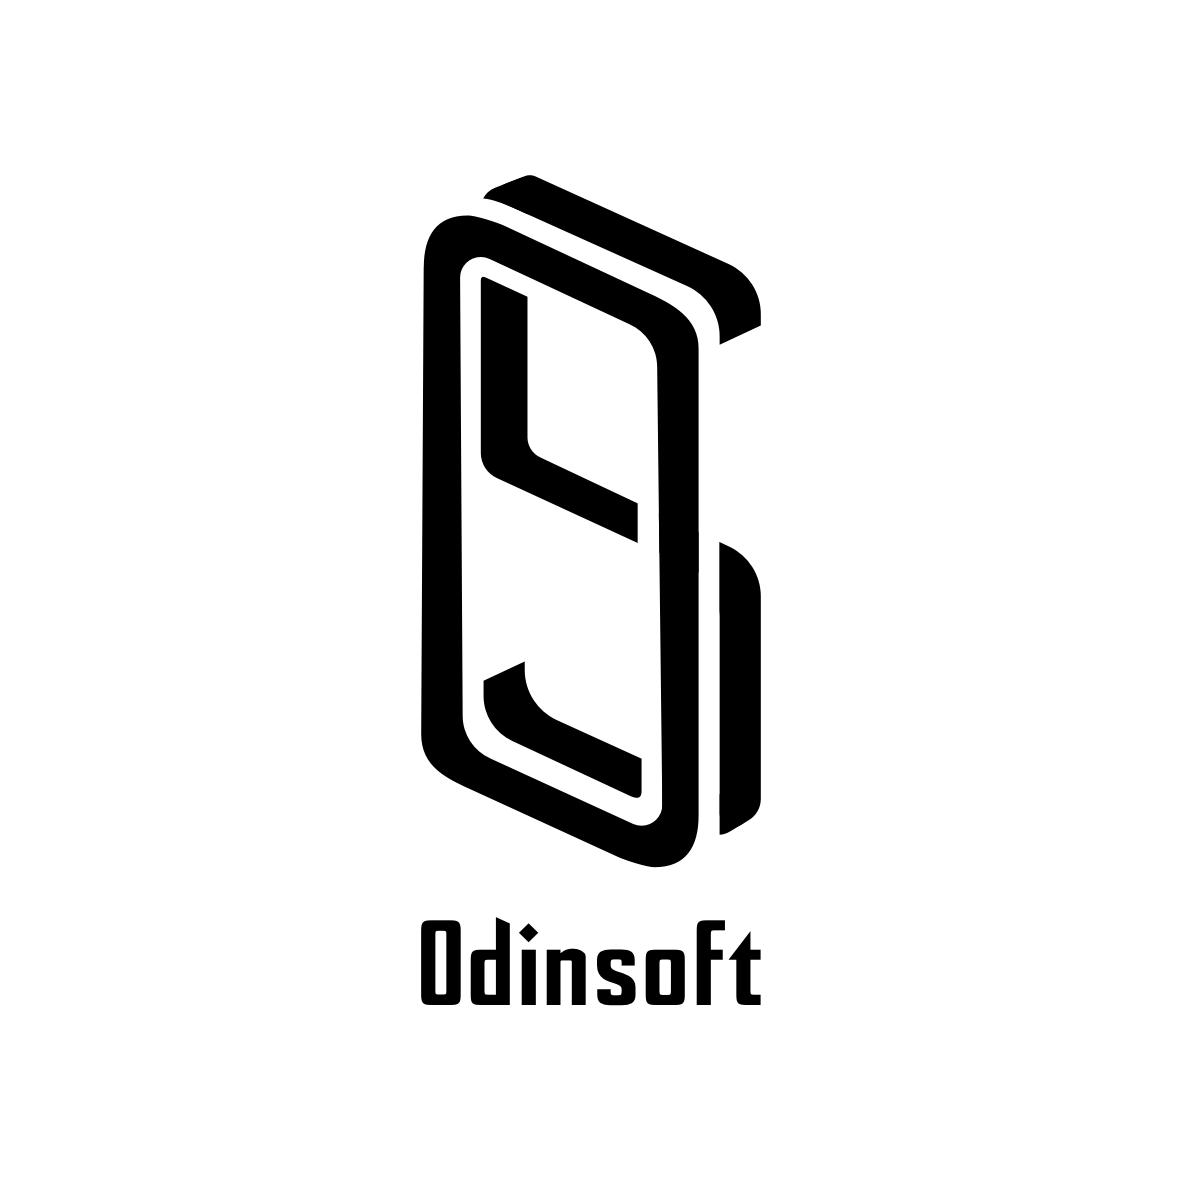 Odinsoft v2